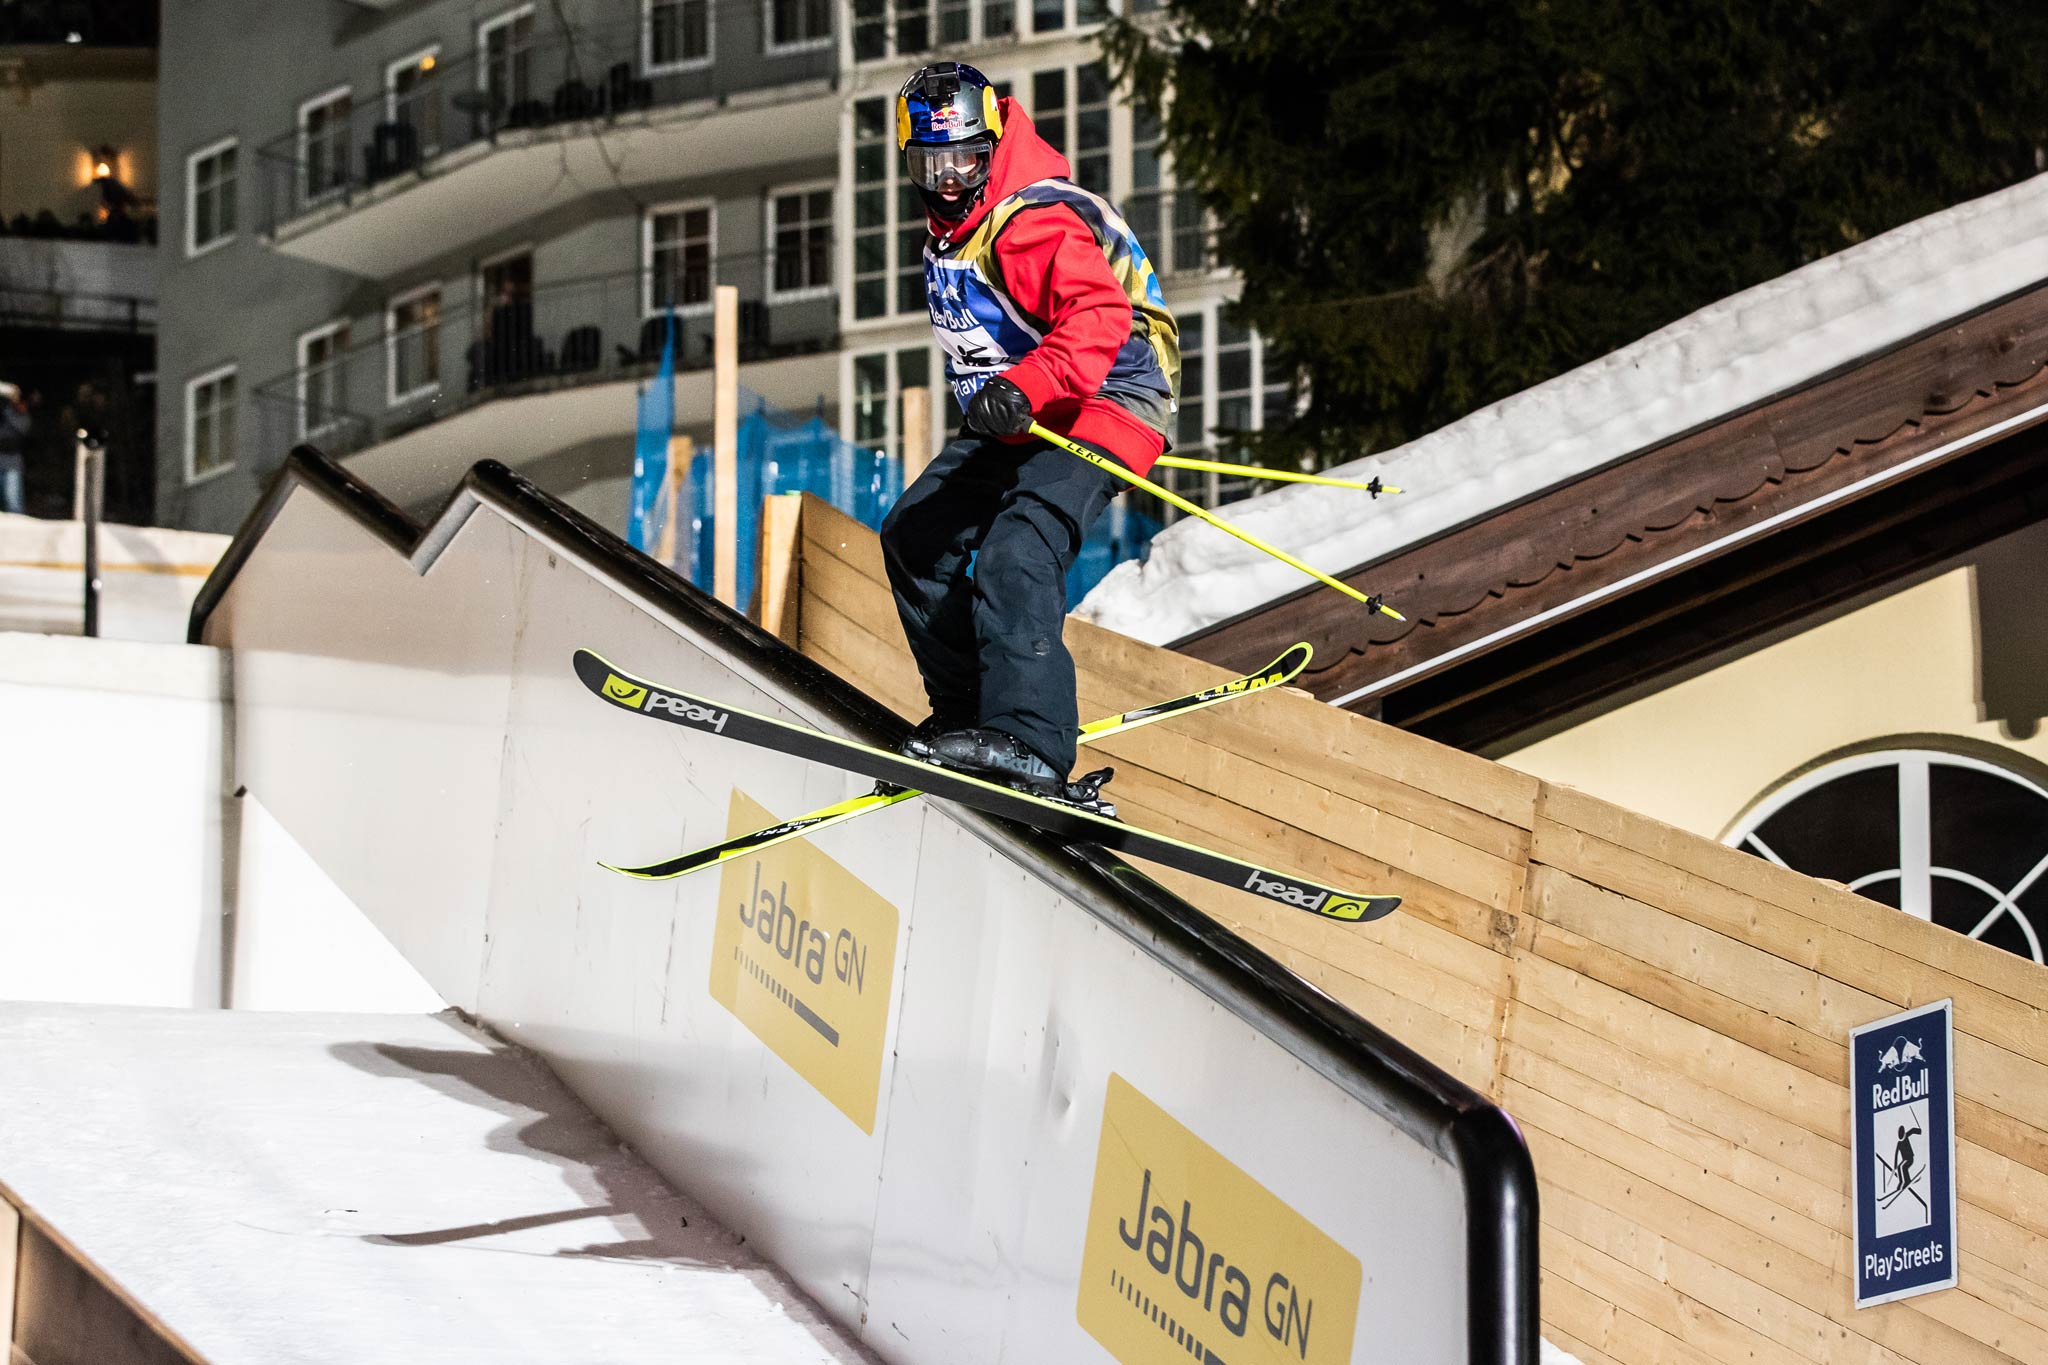 Der Kurs mit teilweise massiv hohen Rails verlangte den Athleten alles ab - Rider: Jesper Tjäder - Foto: Red Bull Conten Pool